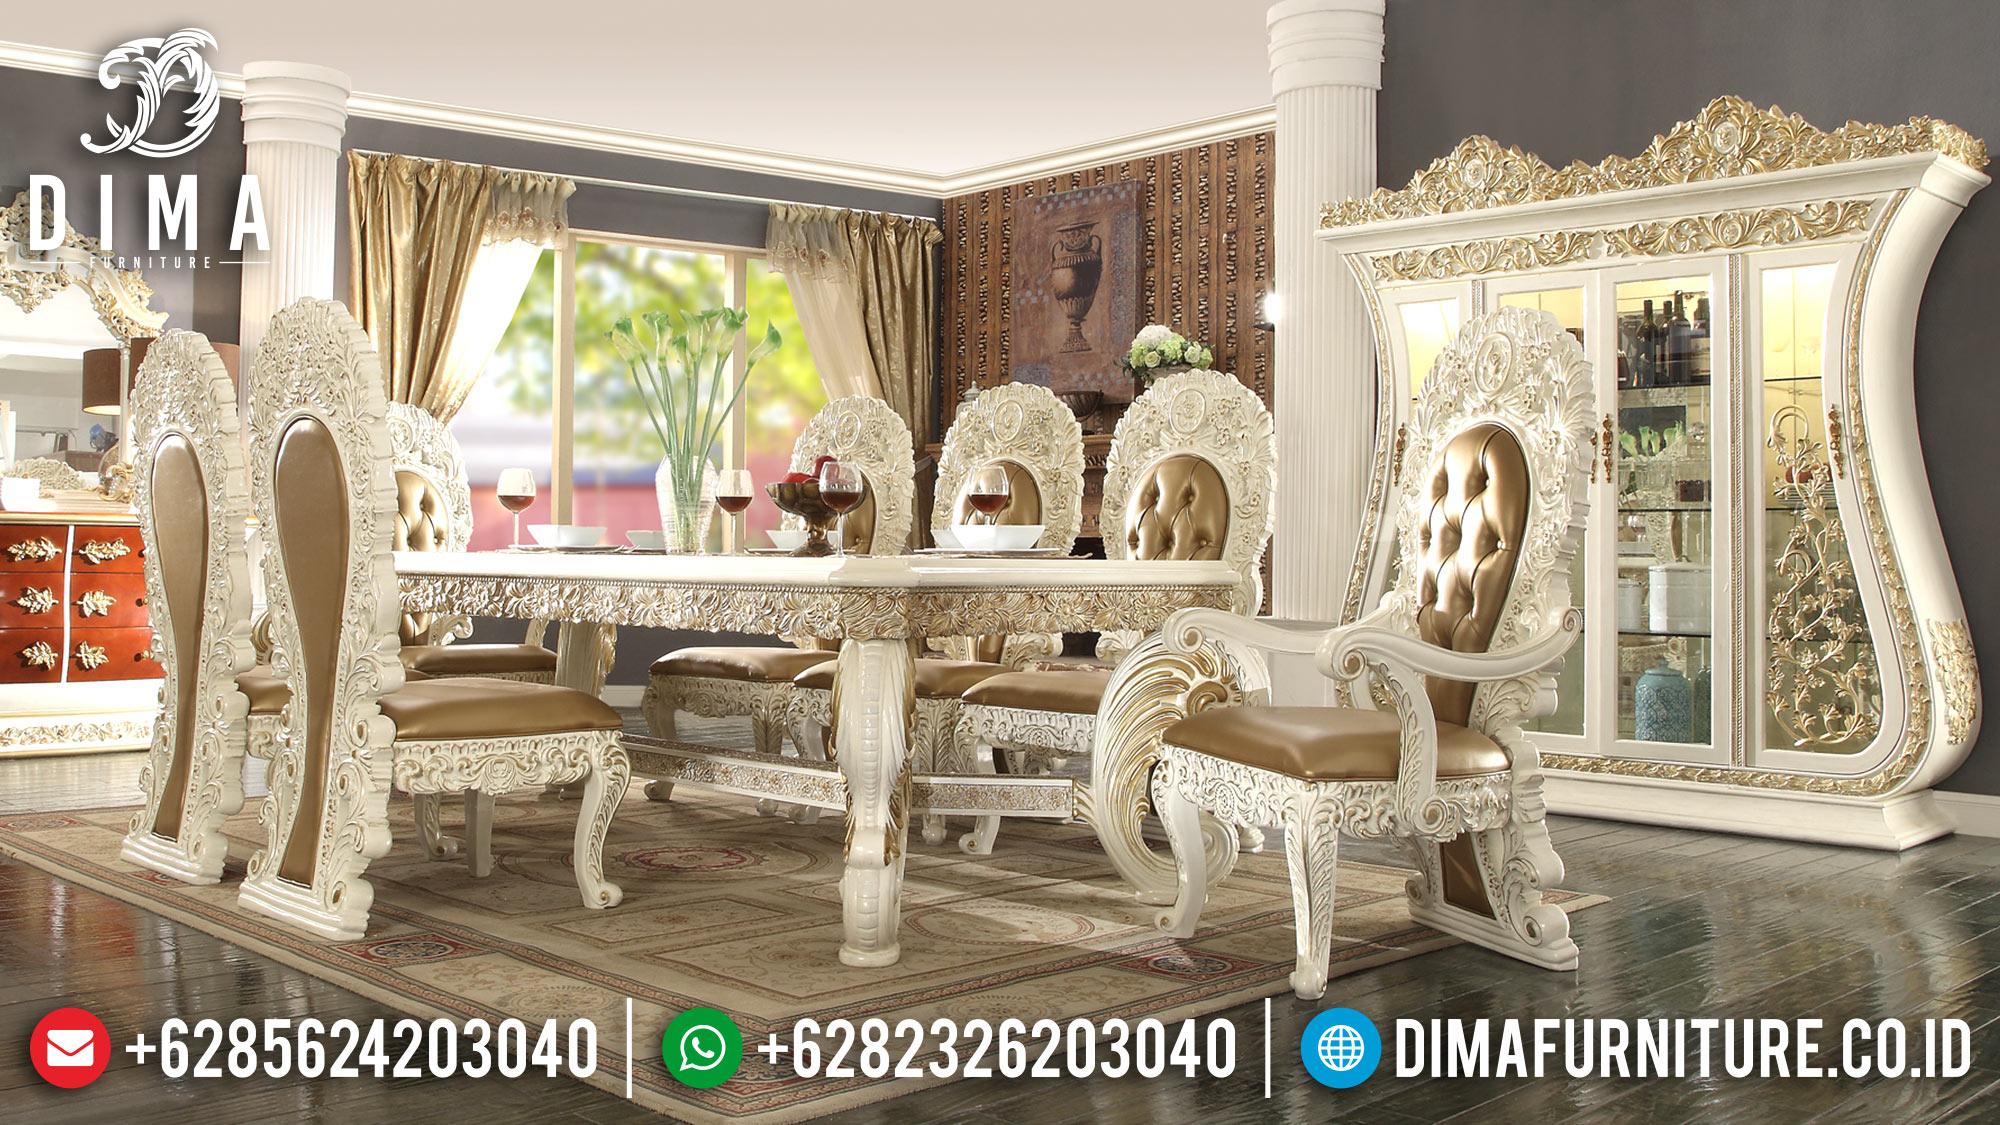 Meja Makan Mewah Jepara Terbaru 2018 01 Dima Furniture Jepara